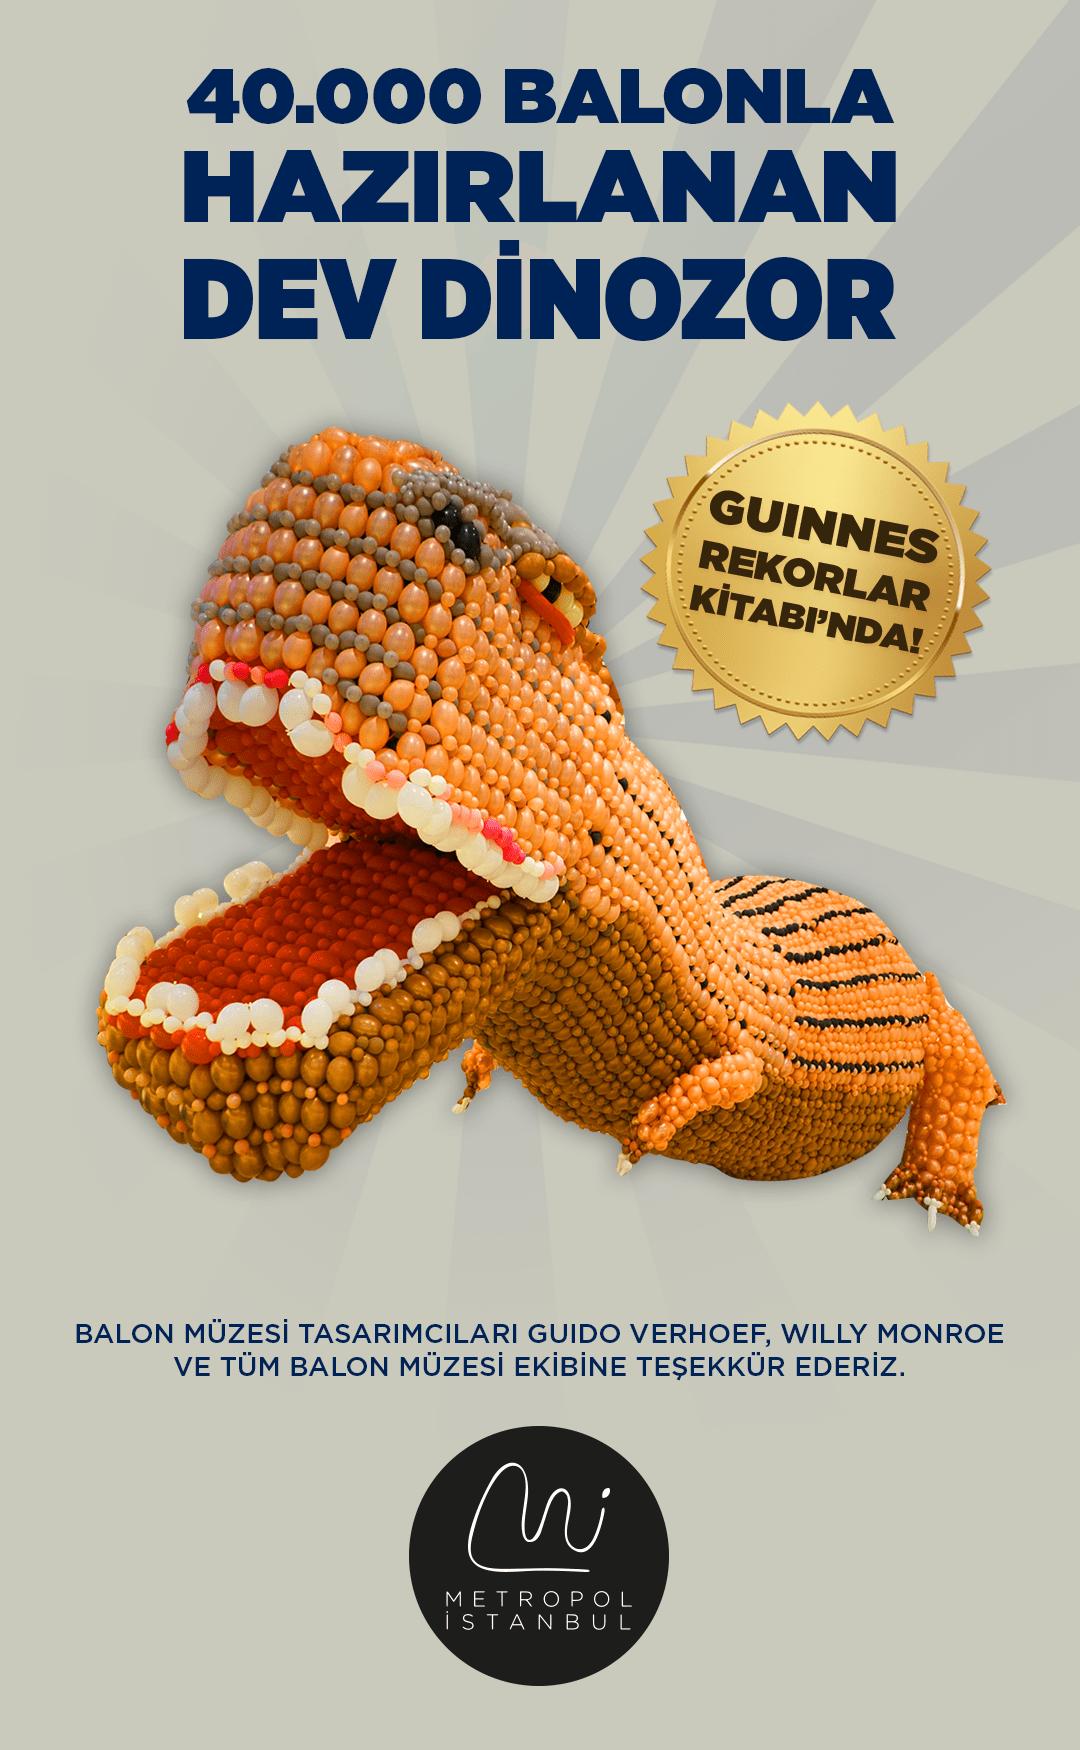 Dev Dinozor Guinness Rekorlar Kitabı'nda!